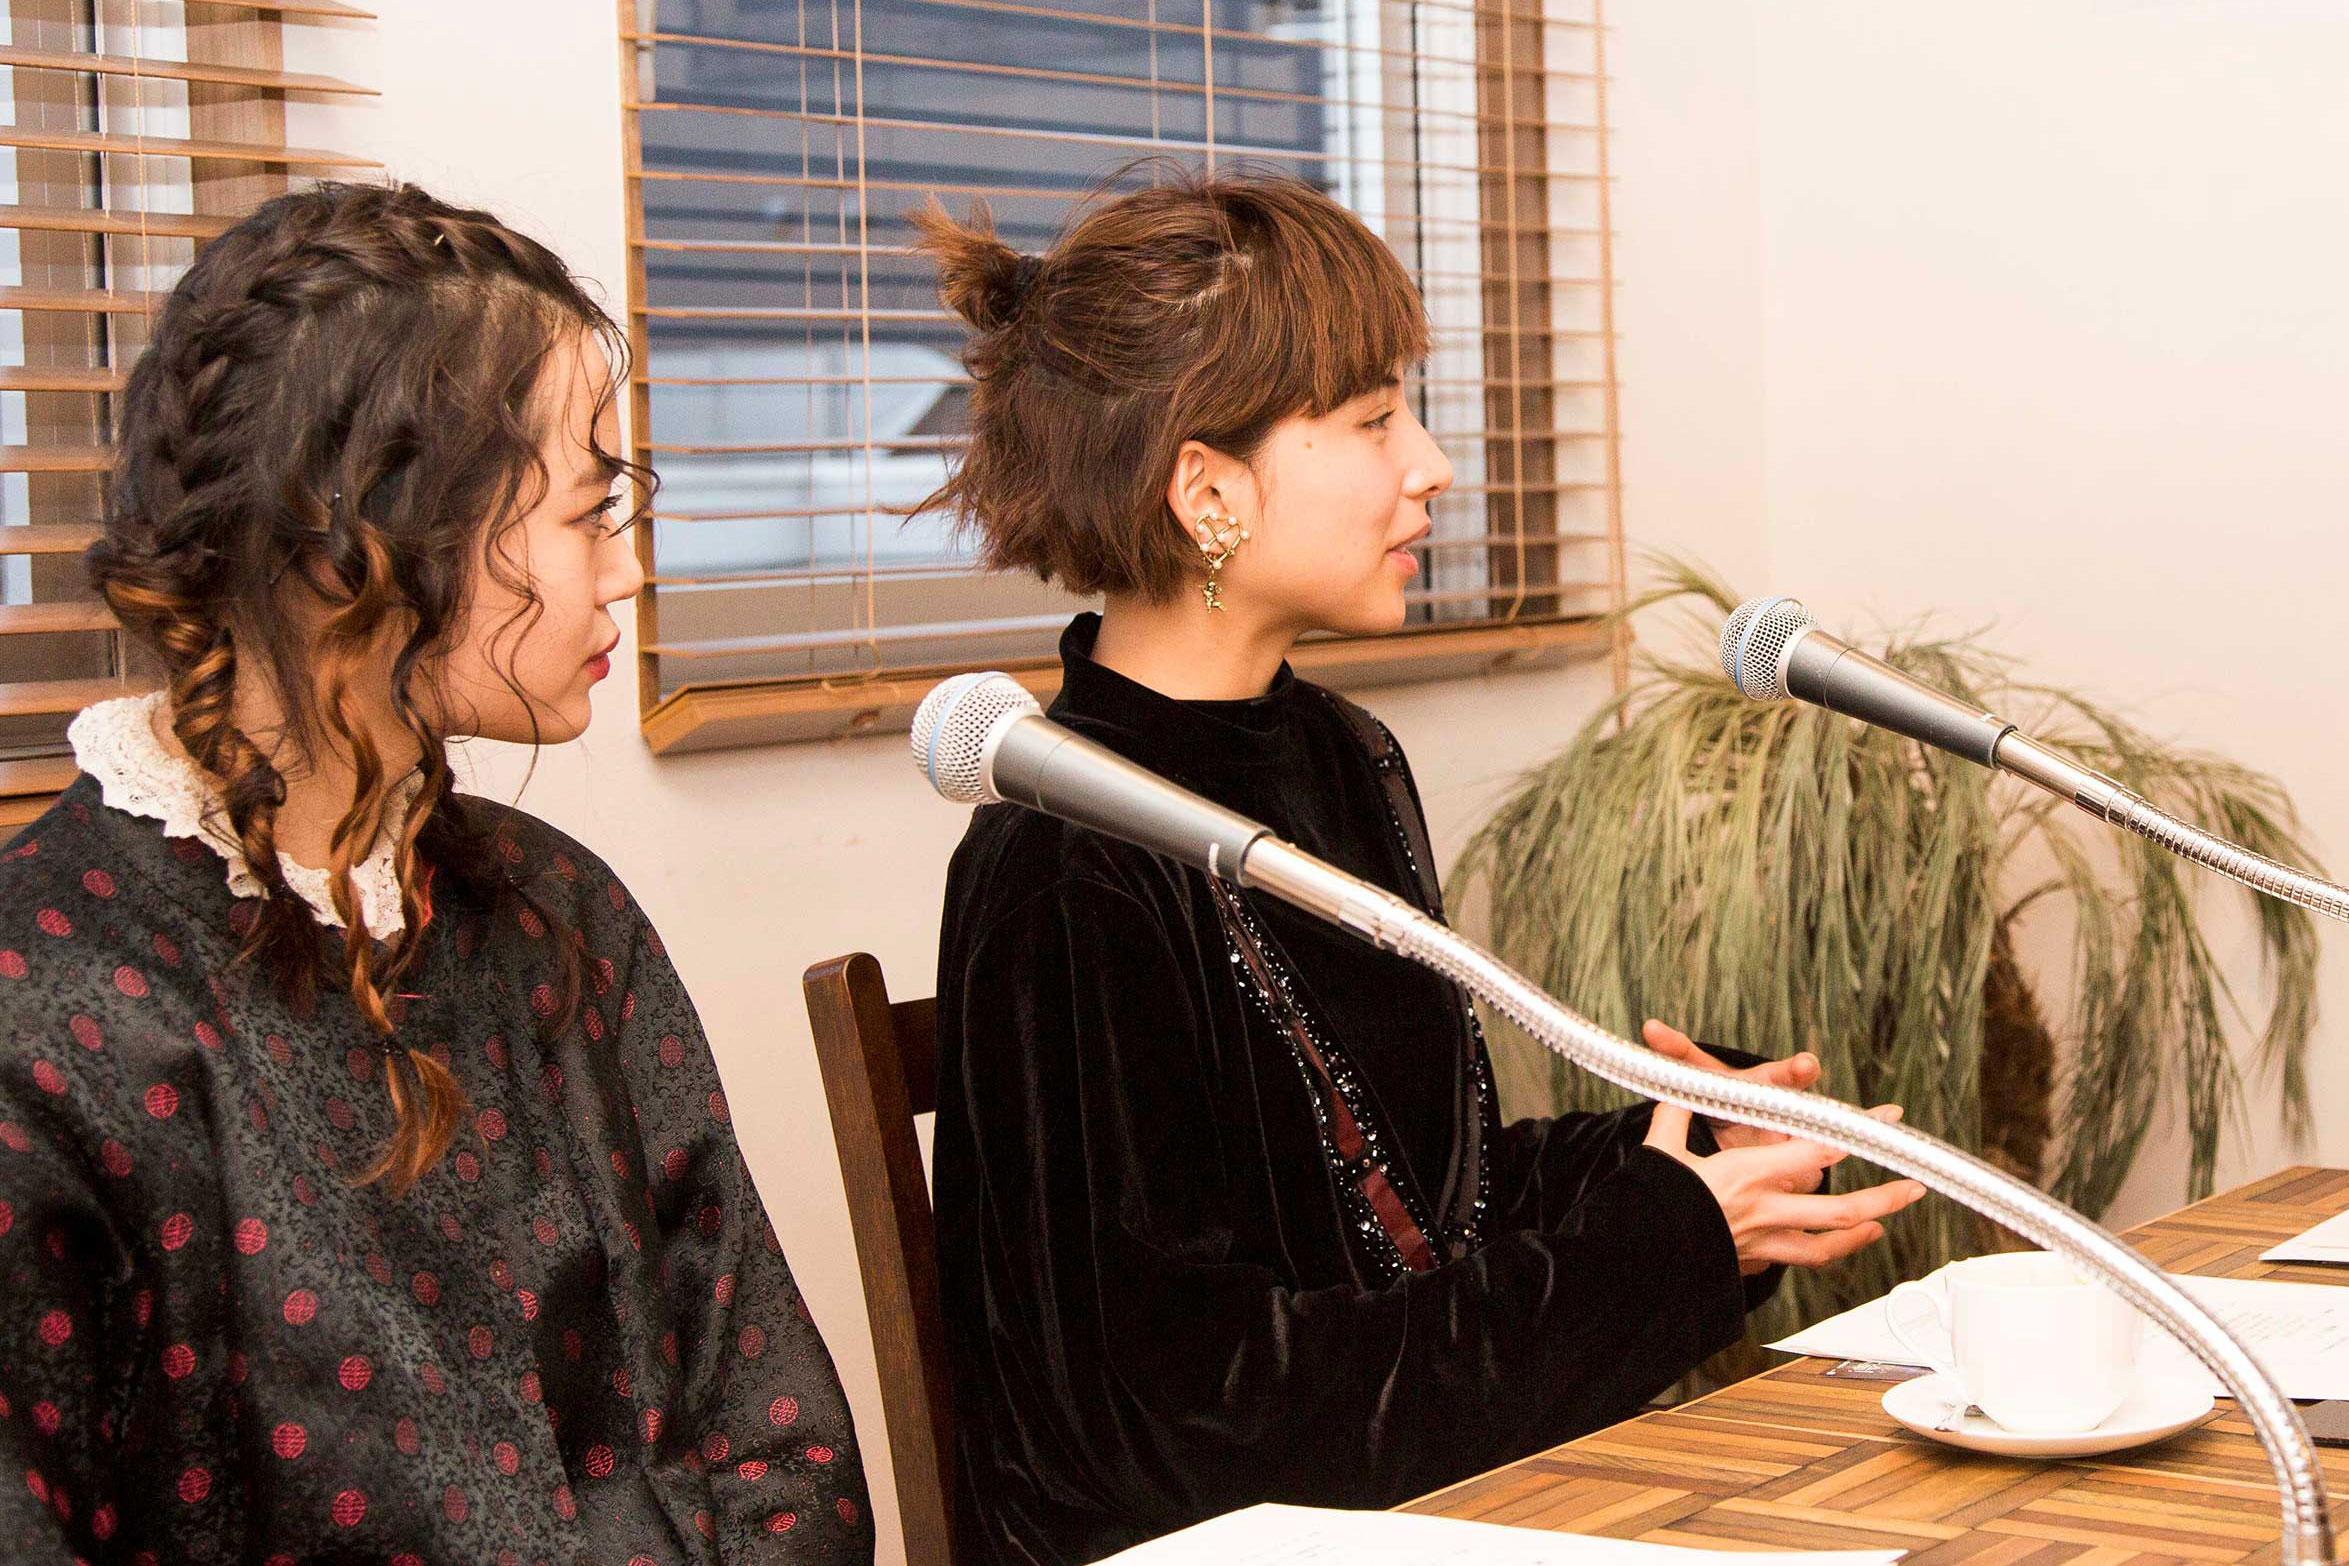 ラブリ&野崎智子からスペシャルプレゼントあり♡ NYLONプロデュースのラジオ番組『it girl café at TOKYO』vol.4は2/11(土)オンエア